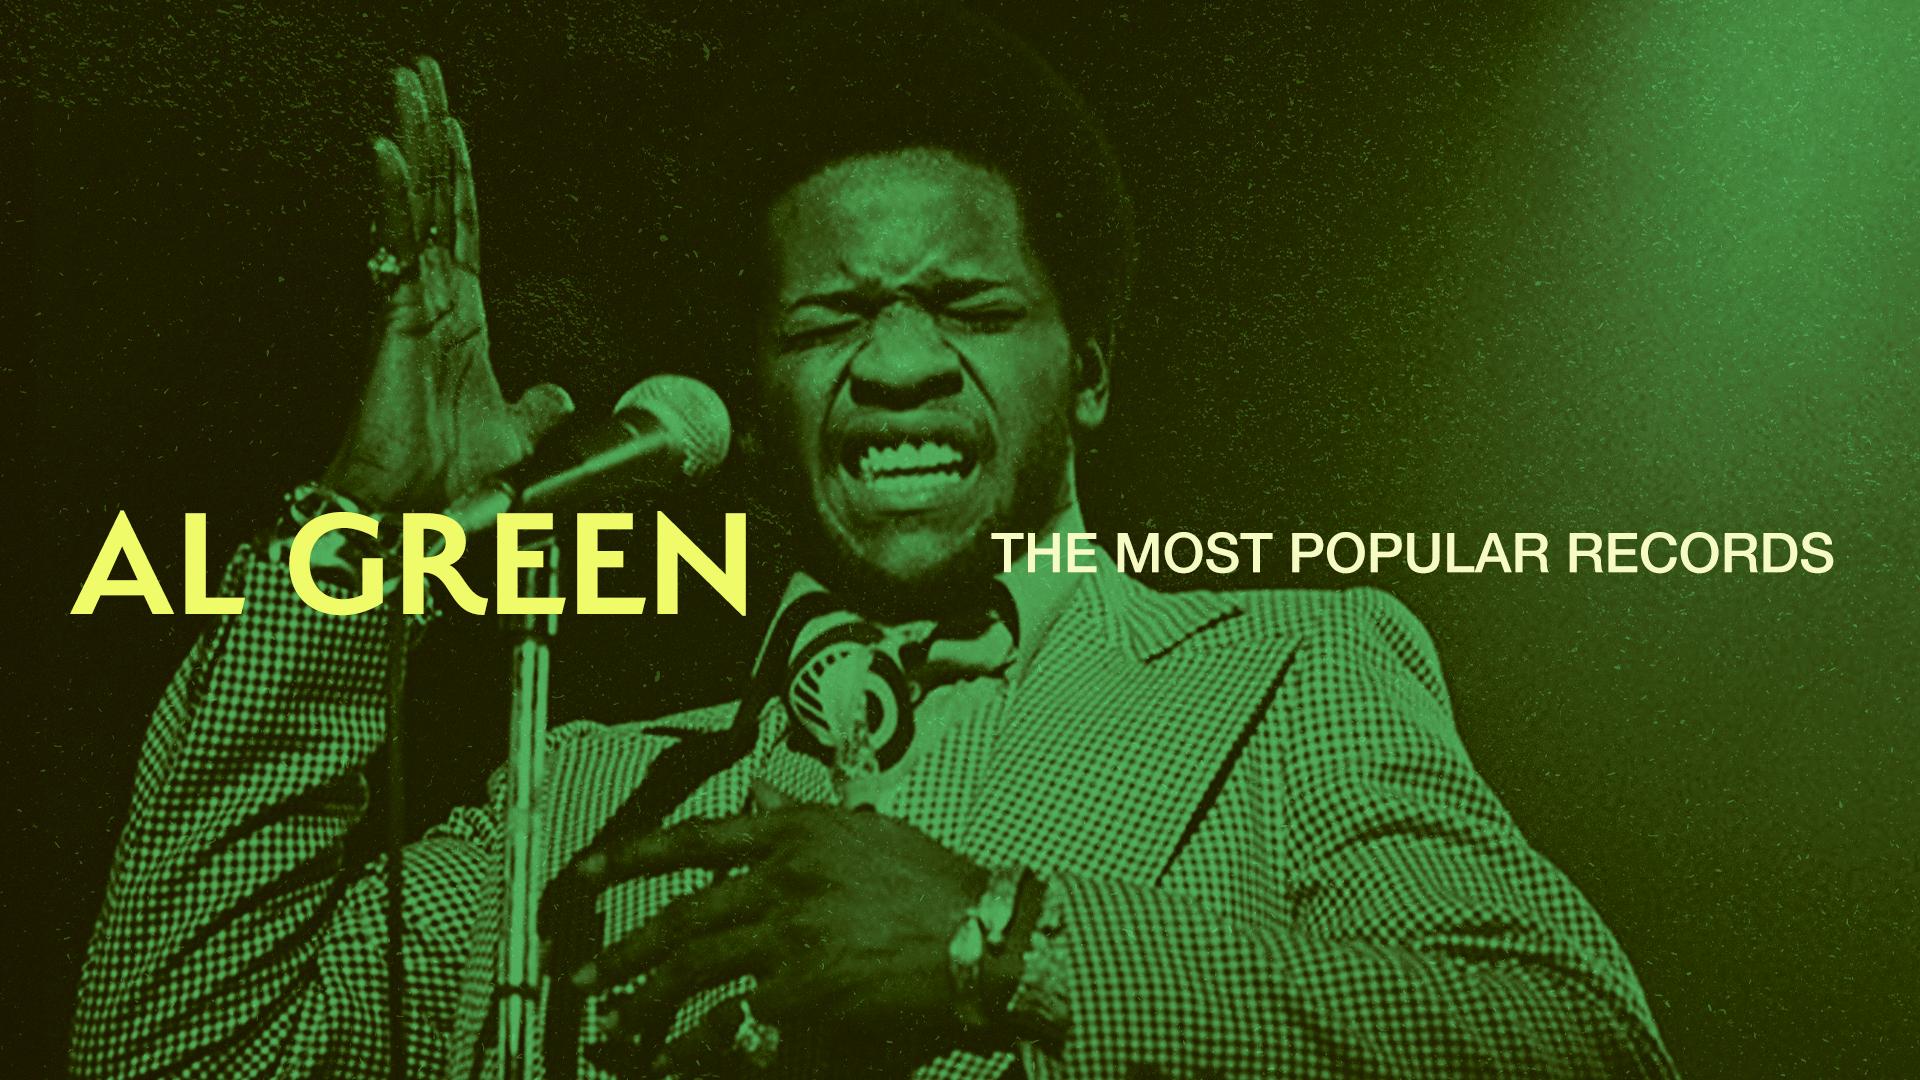 al green most popular records